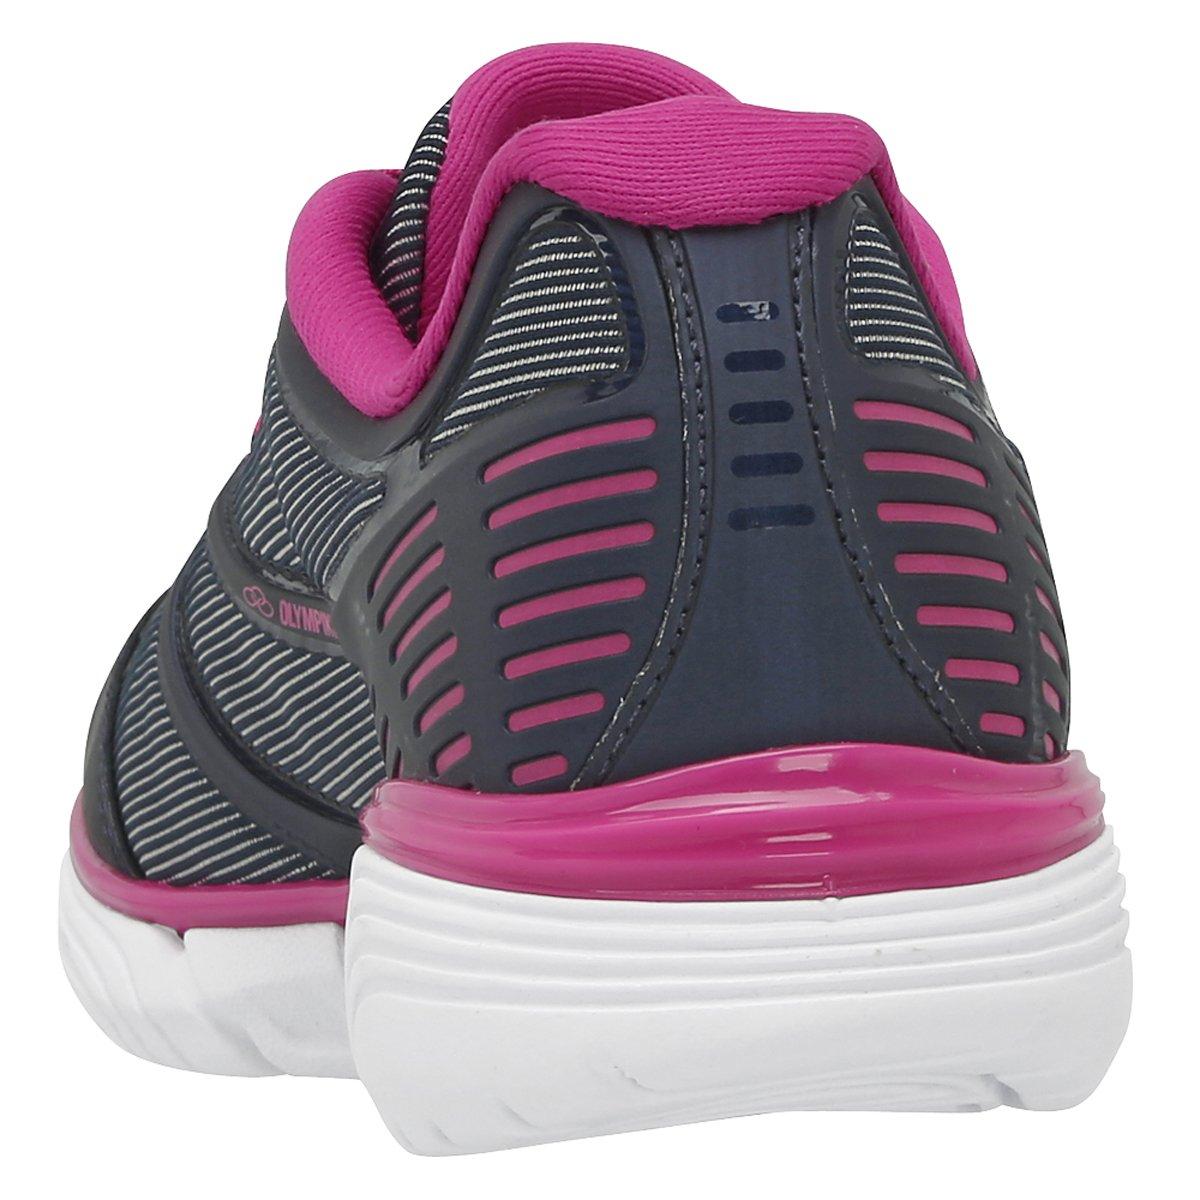 1dd4d175fa0 Tênis Olympikus Mist 2 Feminino - Marinho e Pink - Compre Agora ...